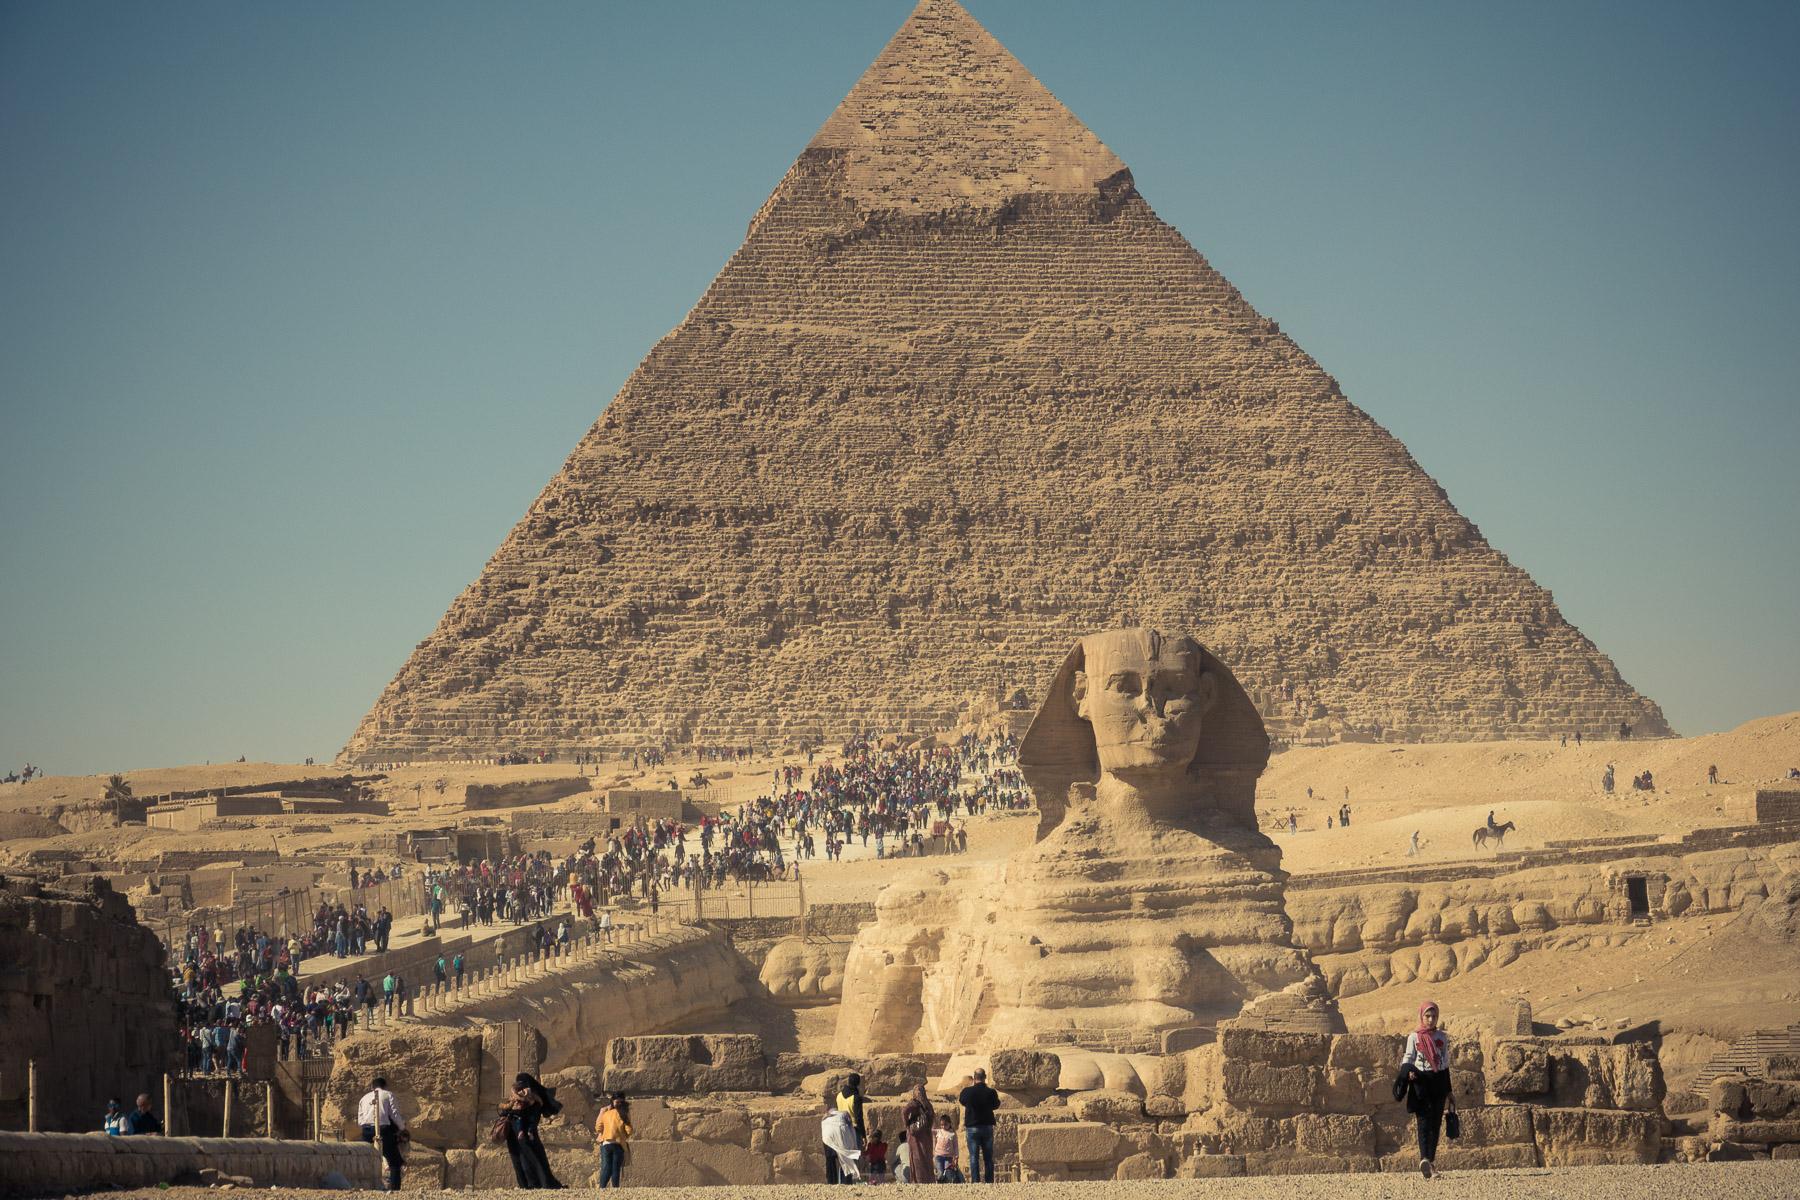 11-pyramids-39.jpg